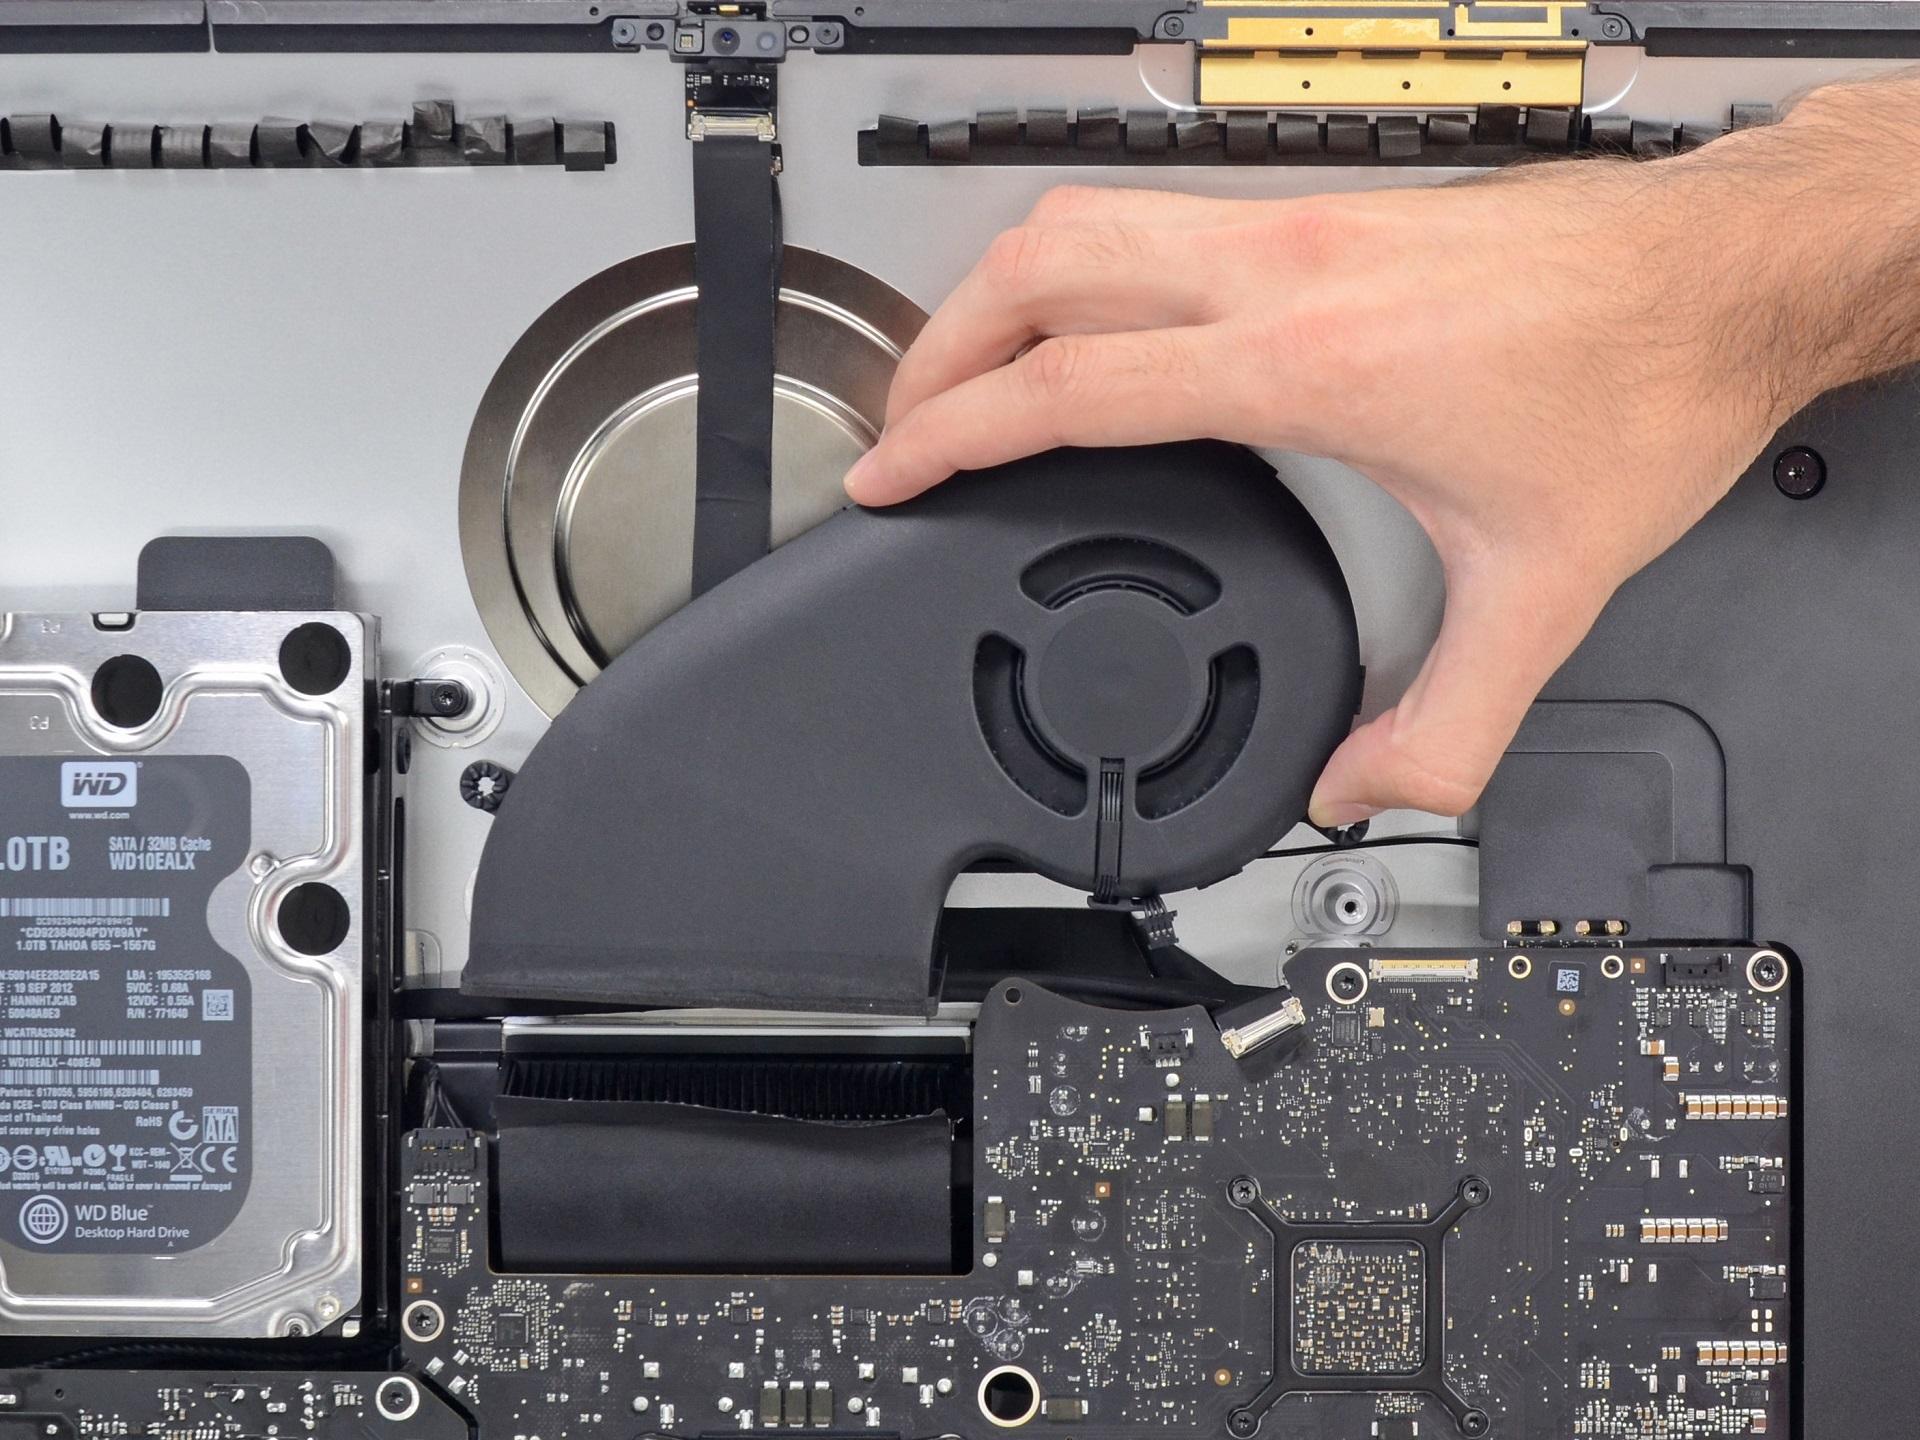 Профилактика (чистка, замена термопасты) системы охлаждения iMac